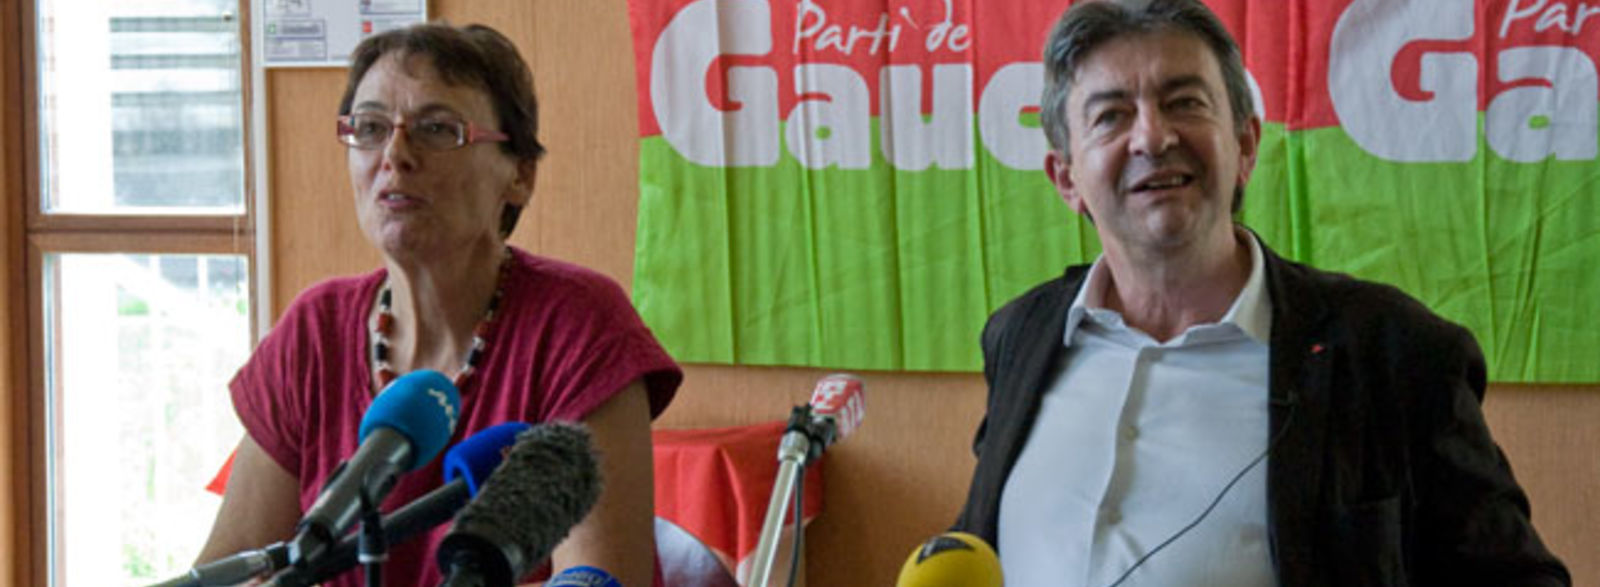 De Cécile Duflot à Jean-Luc Mélenchon